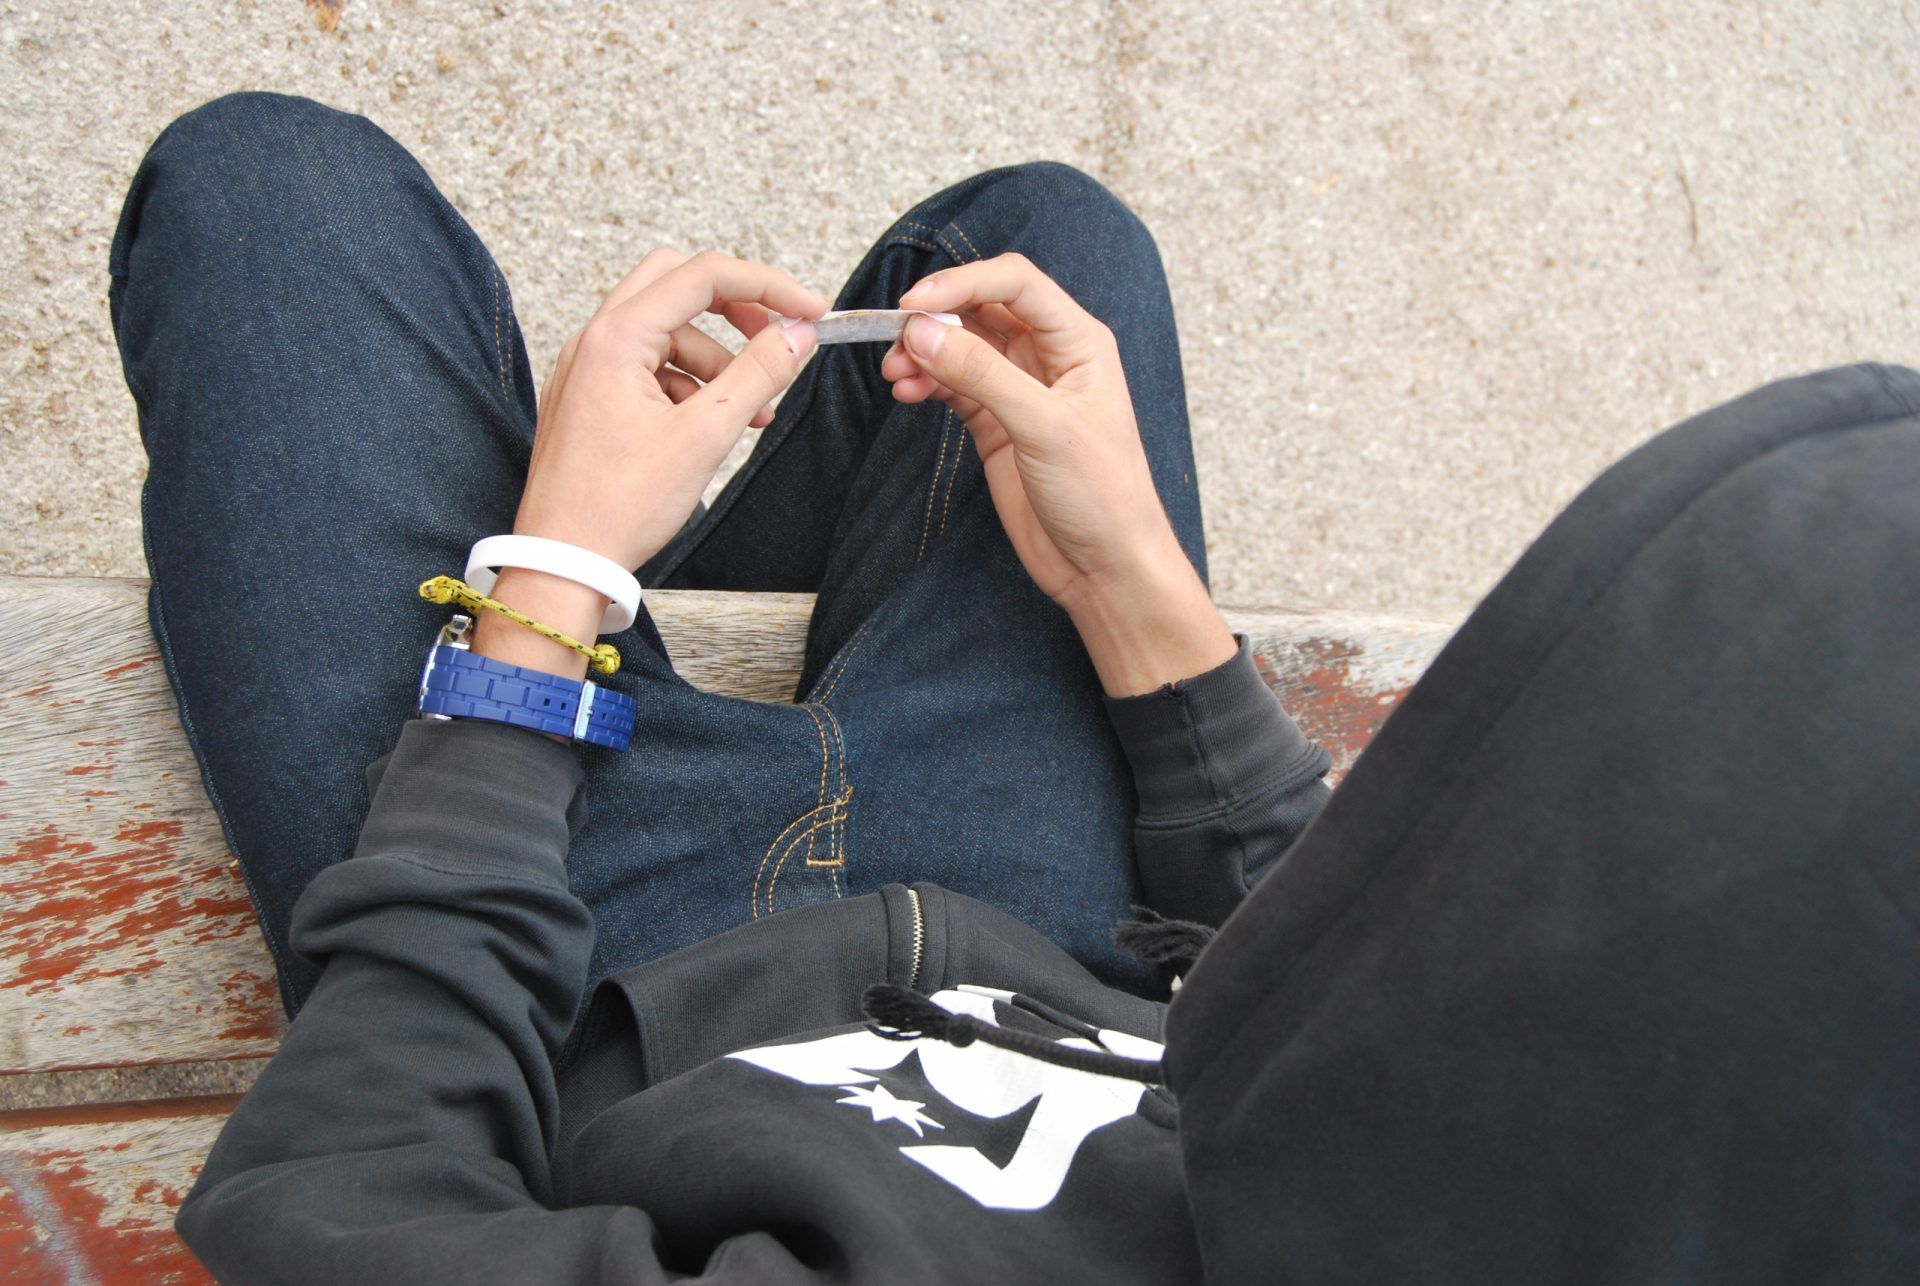 La marihuana ha estado durante mucho tiempo en el punto de mira como posible causante de la enfermedad mental. Numerosos estudios descartan esta hipótesis